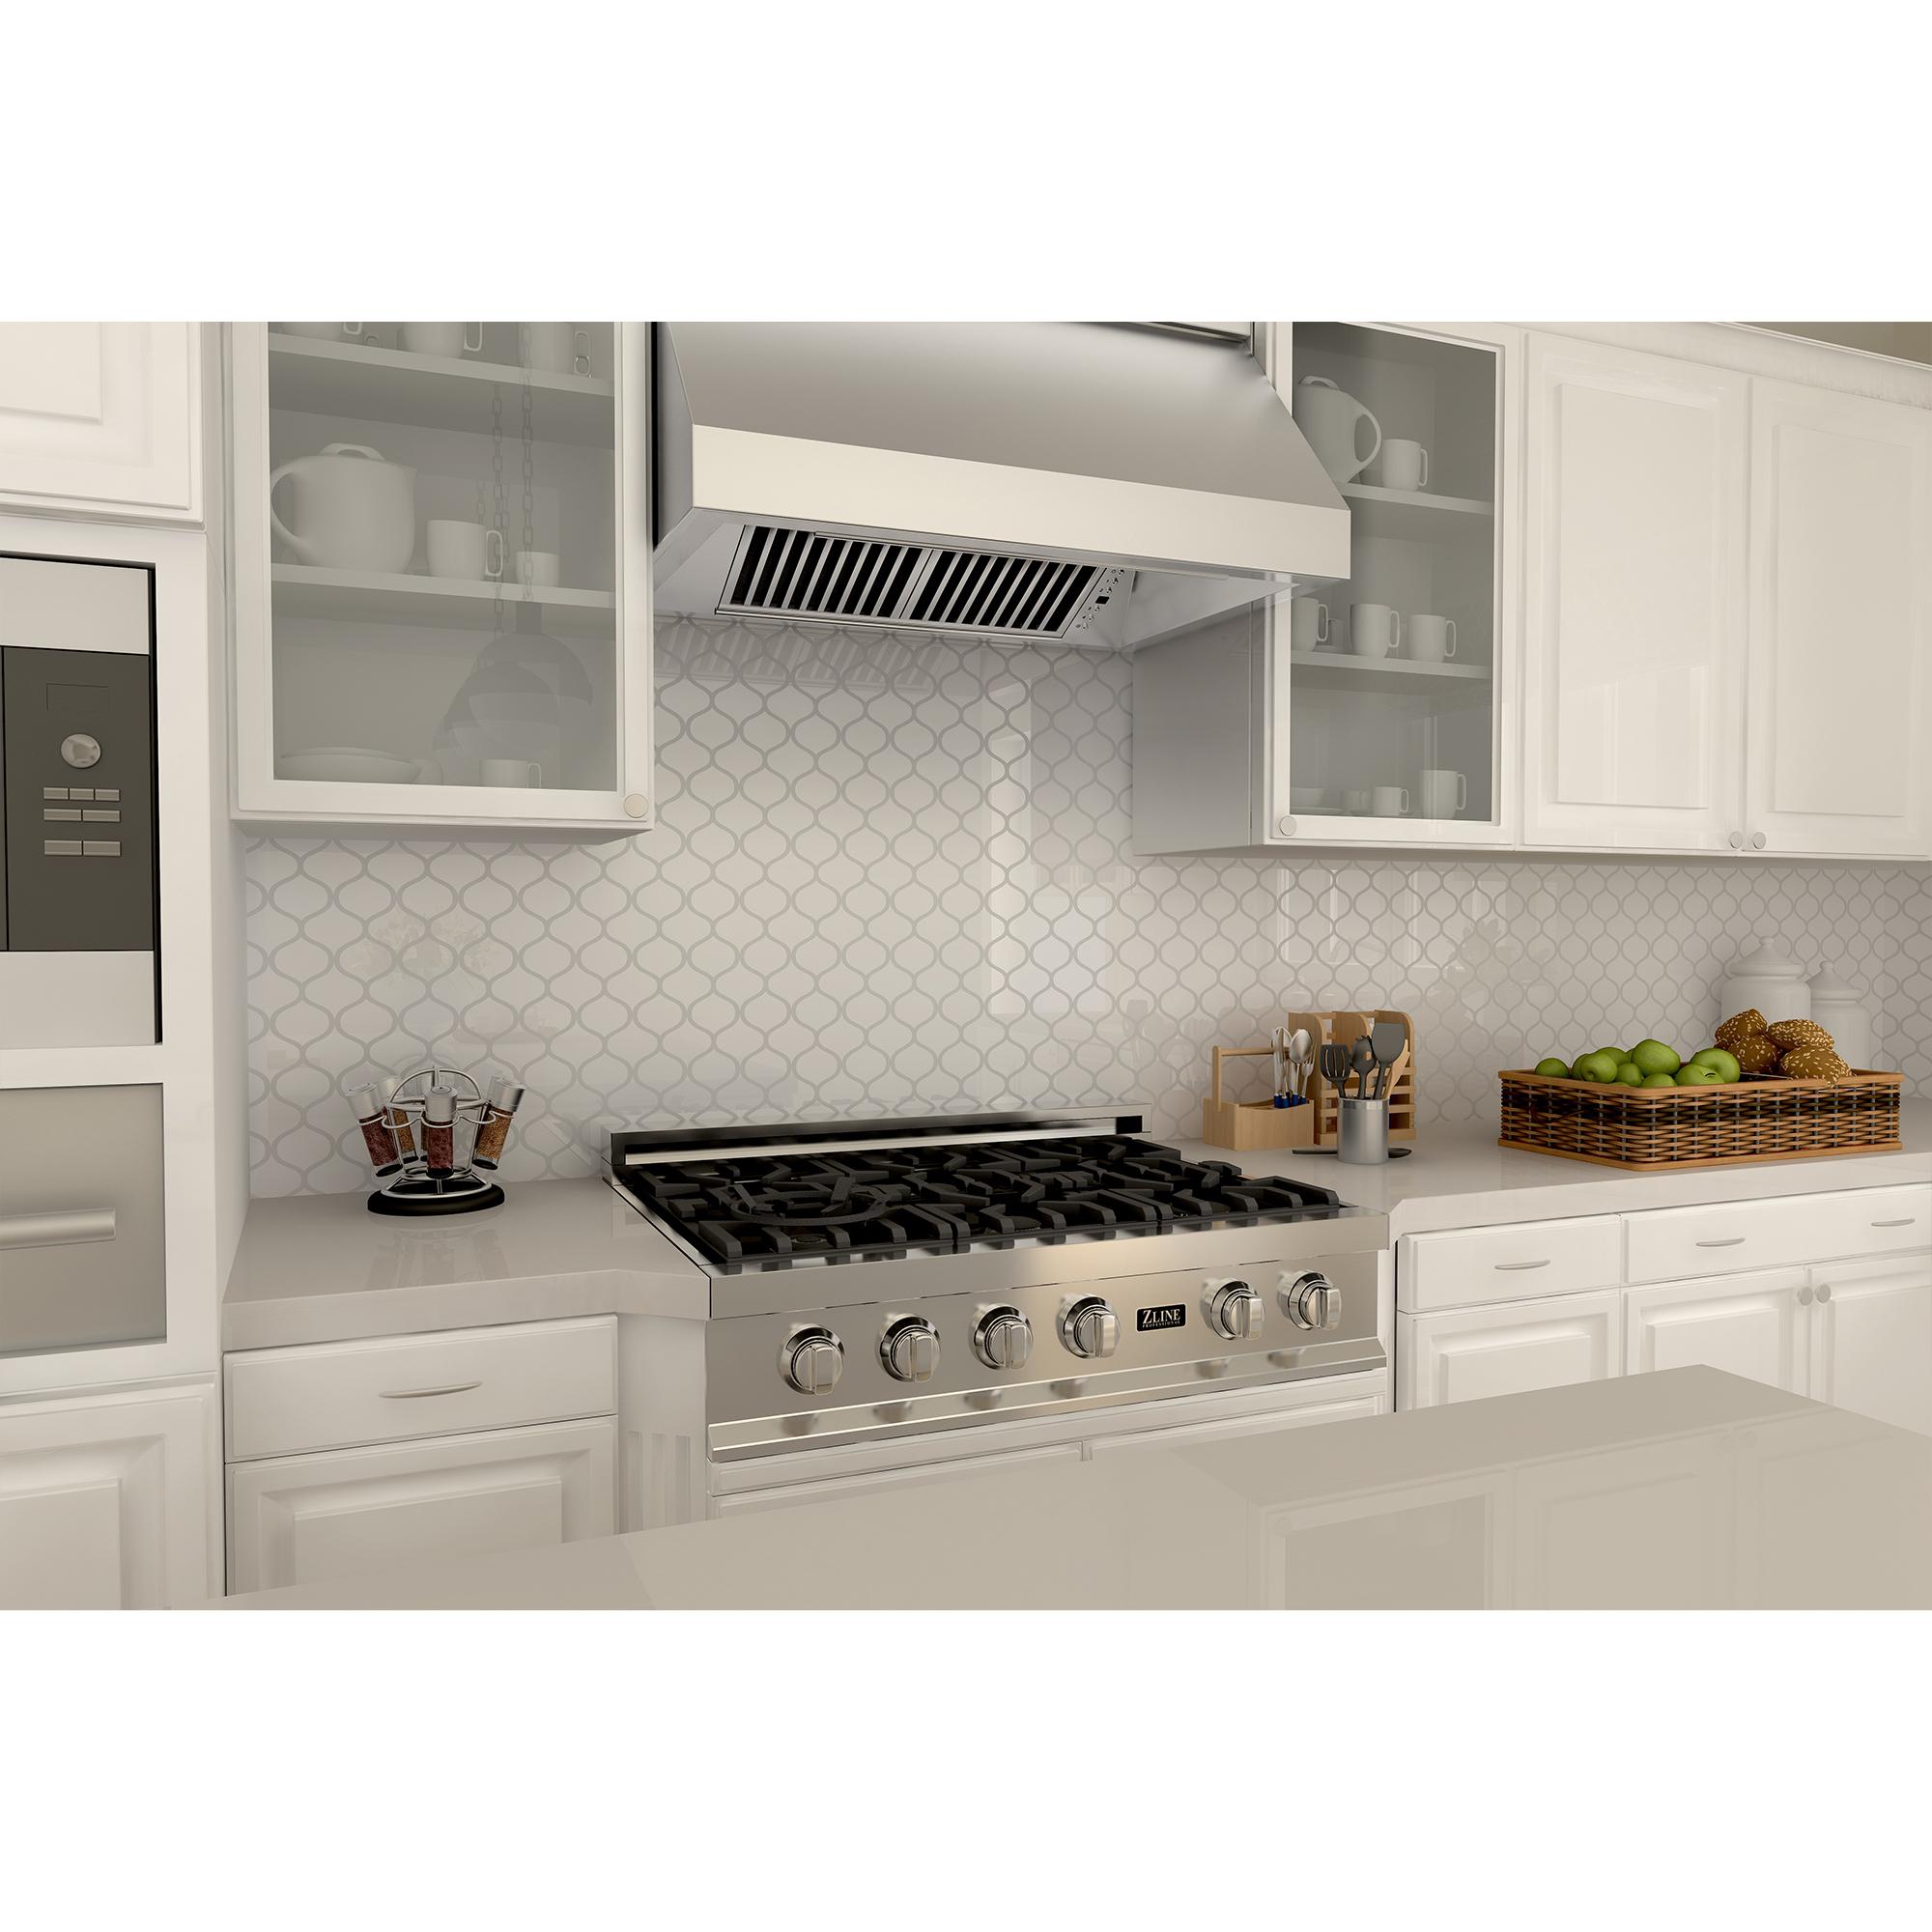 zline-stainless-steel-under-cabinet-range-hood-523-kitchen-updated-3.jpg